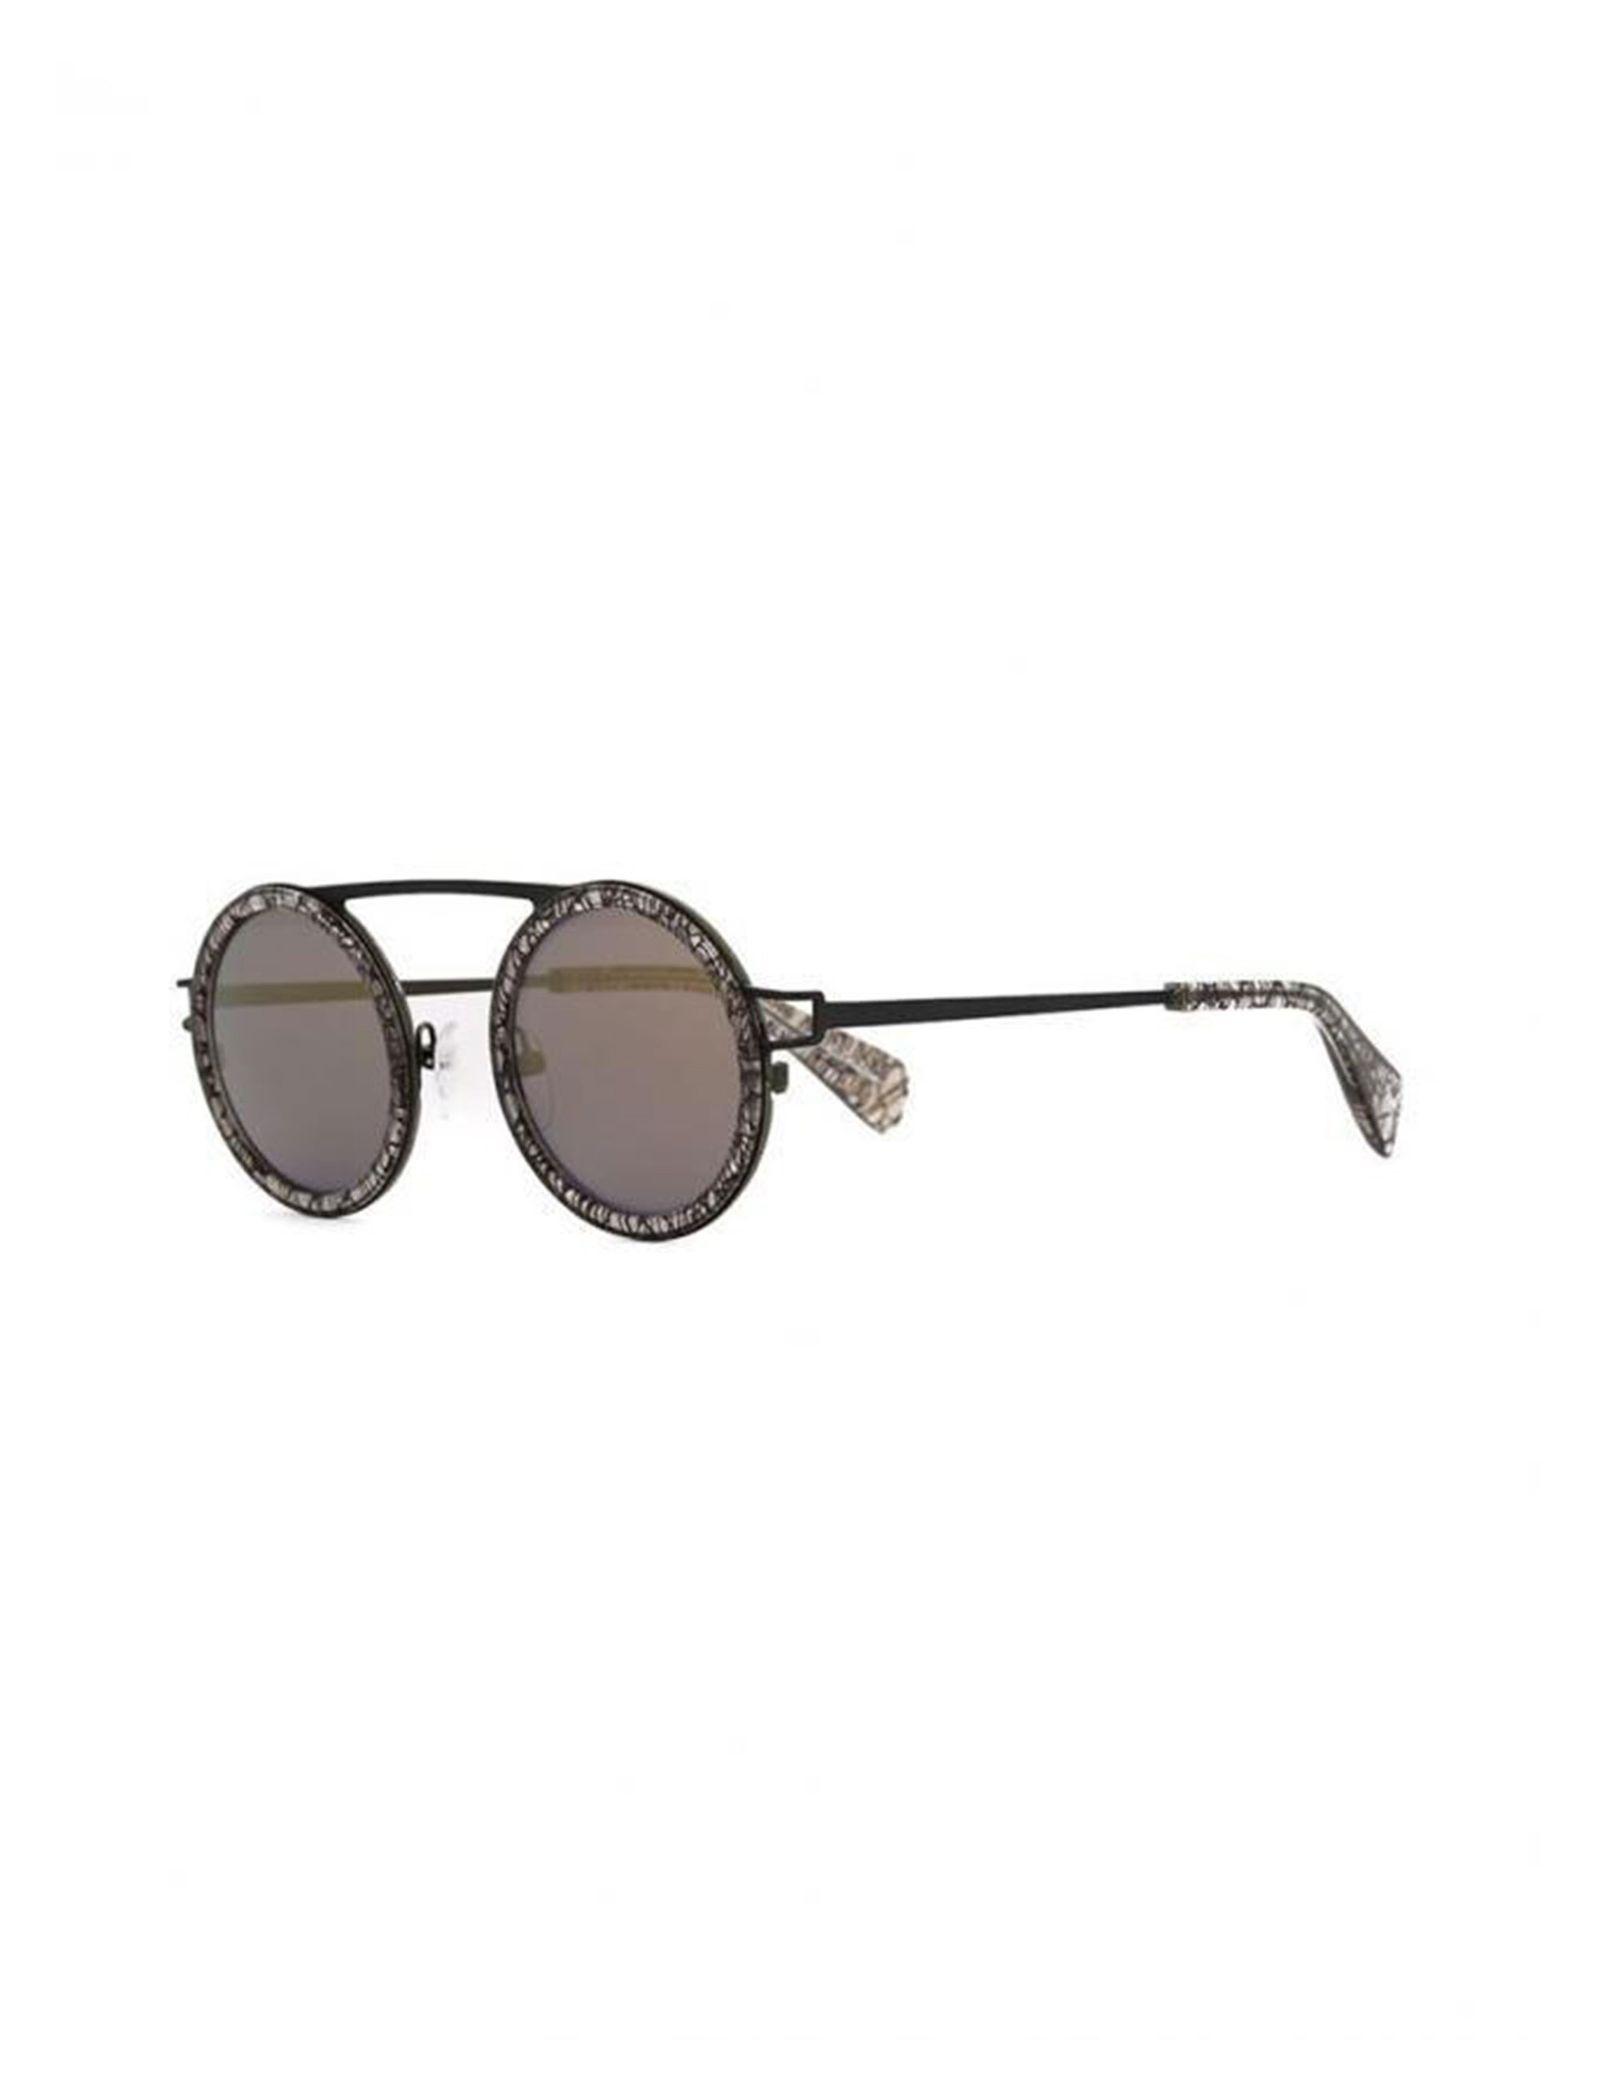 عینک آفتابی گرد زنانه - یوجی یاماموتو - مشکي  - 2